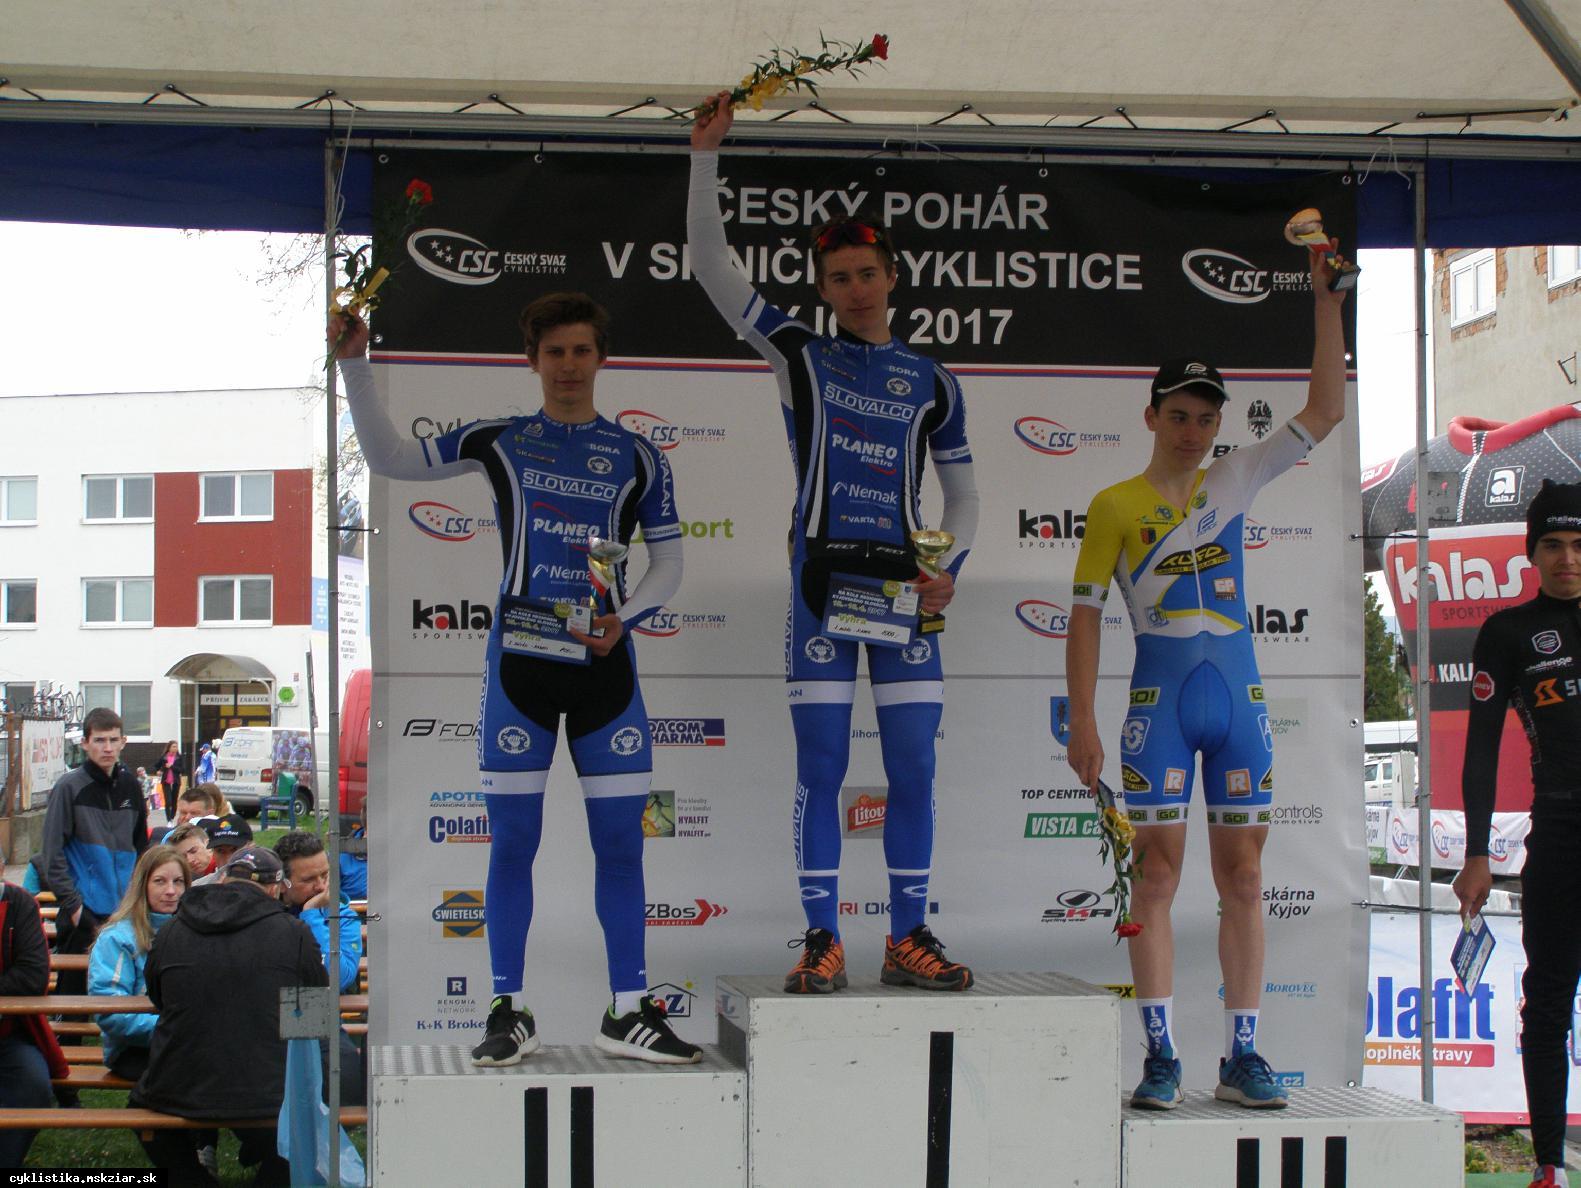 obr: Žiarski cyklisti víťazne na Českom pohári.